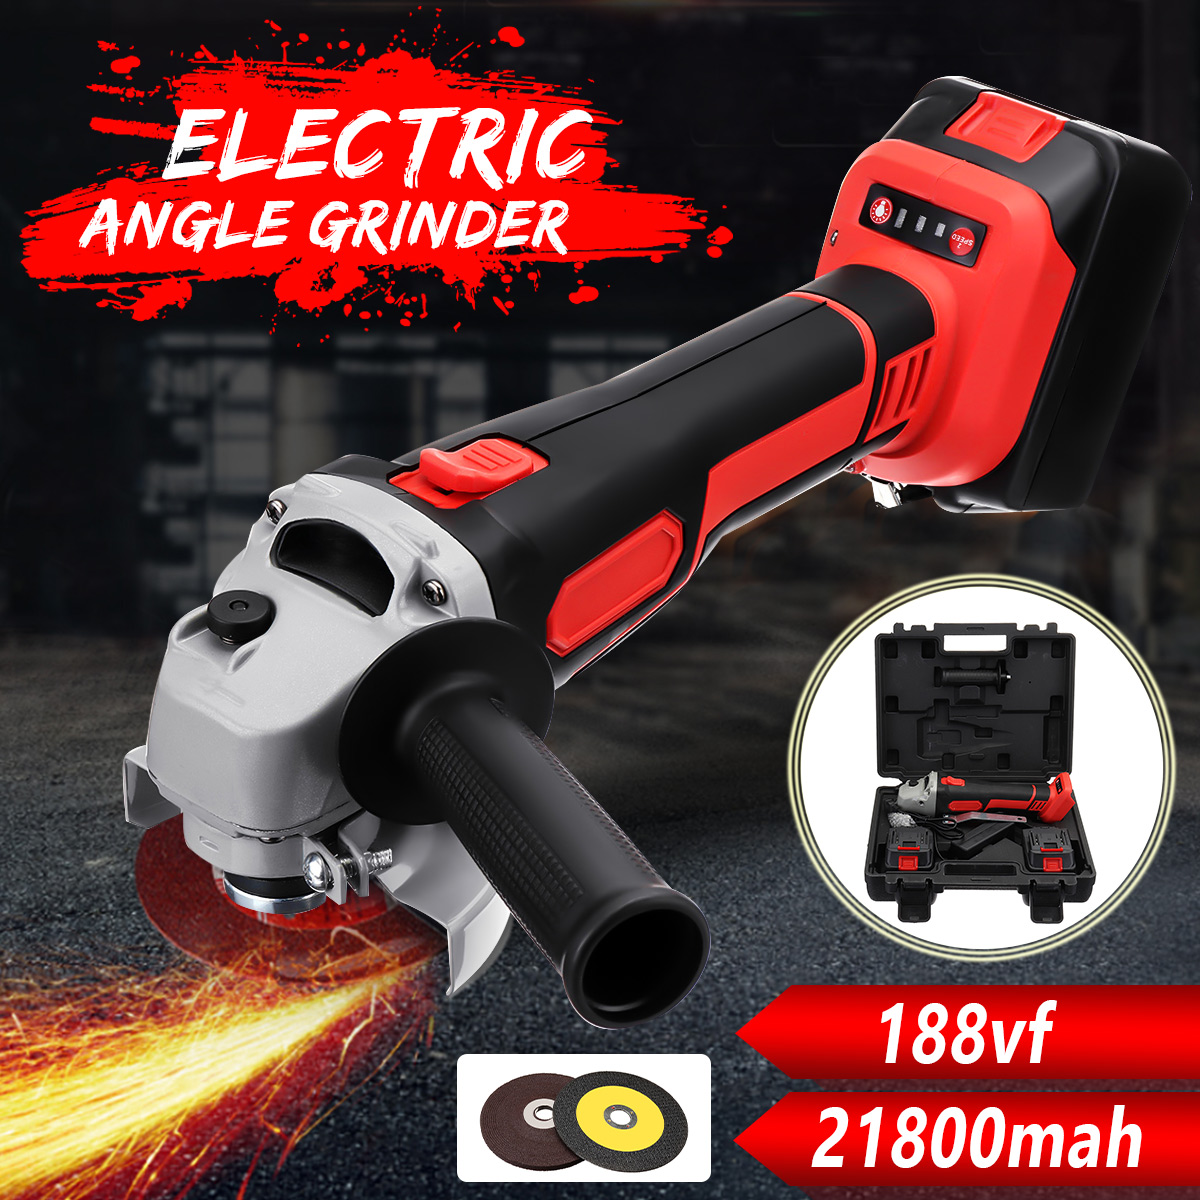 188Vf 21800 mAh Cordless Elétrica Angle Grinder Polisher Ferramenta de Polimento Máquina de Corte com 2 bateria para moagem de corte de metal